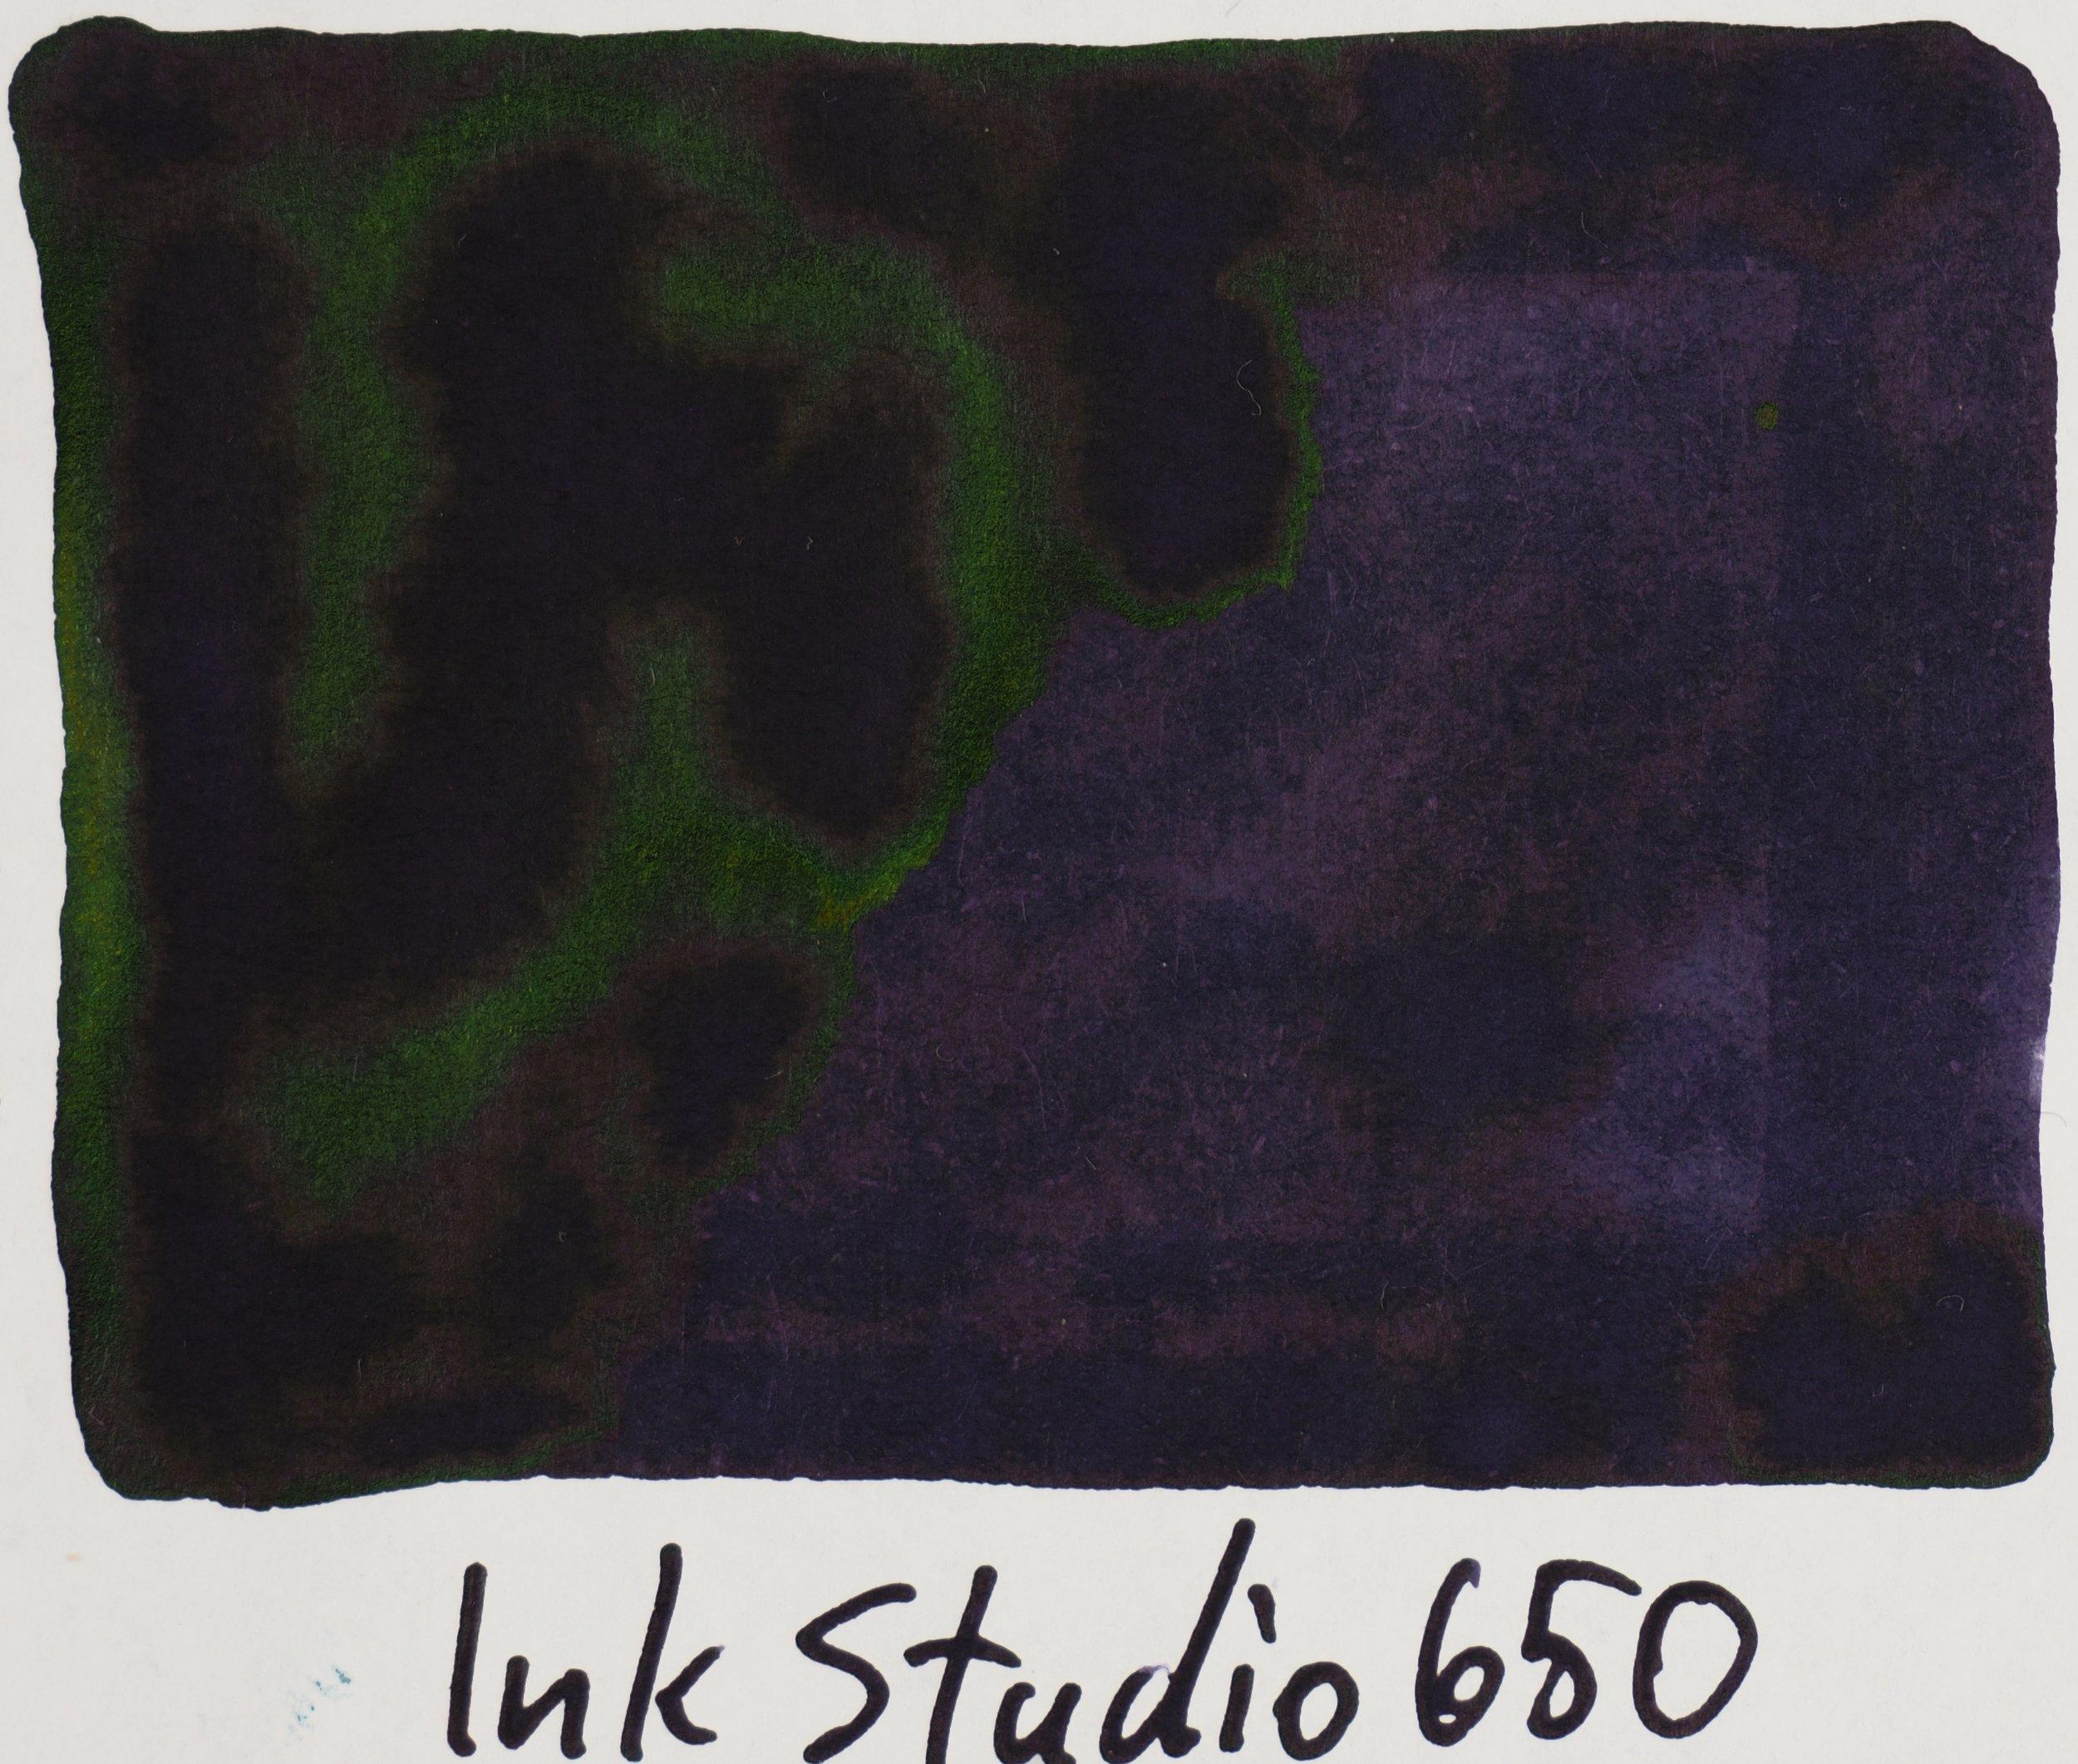 650.jpg